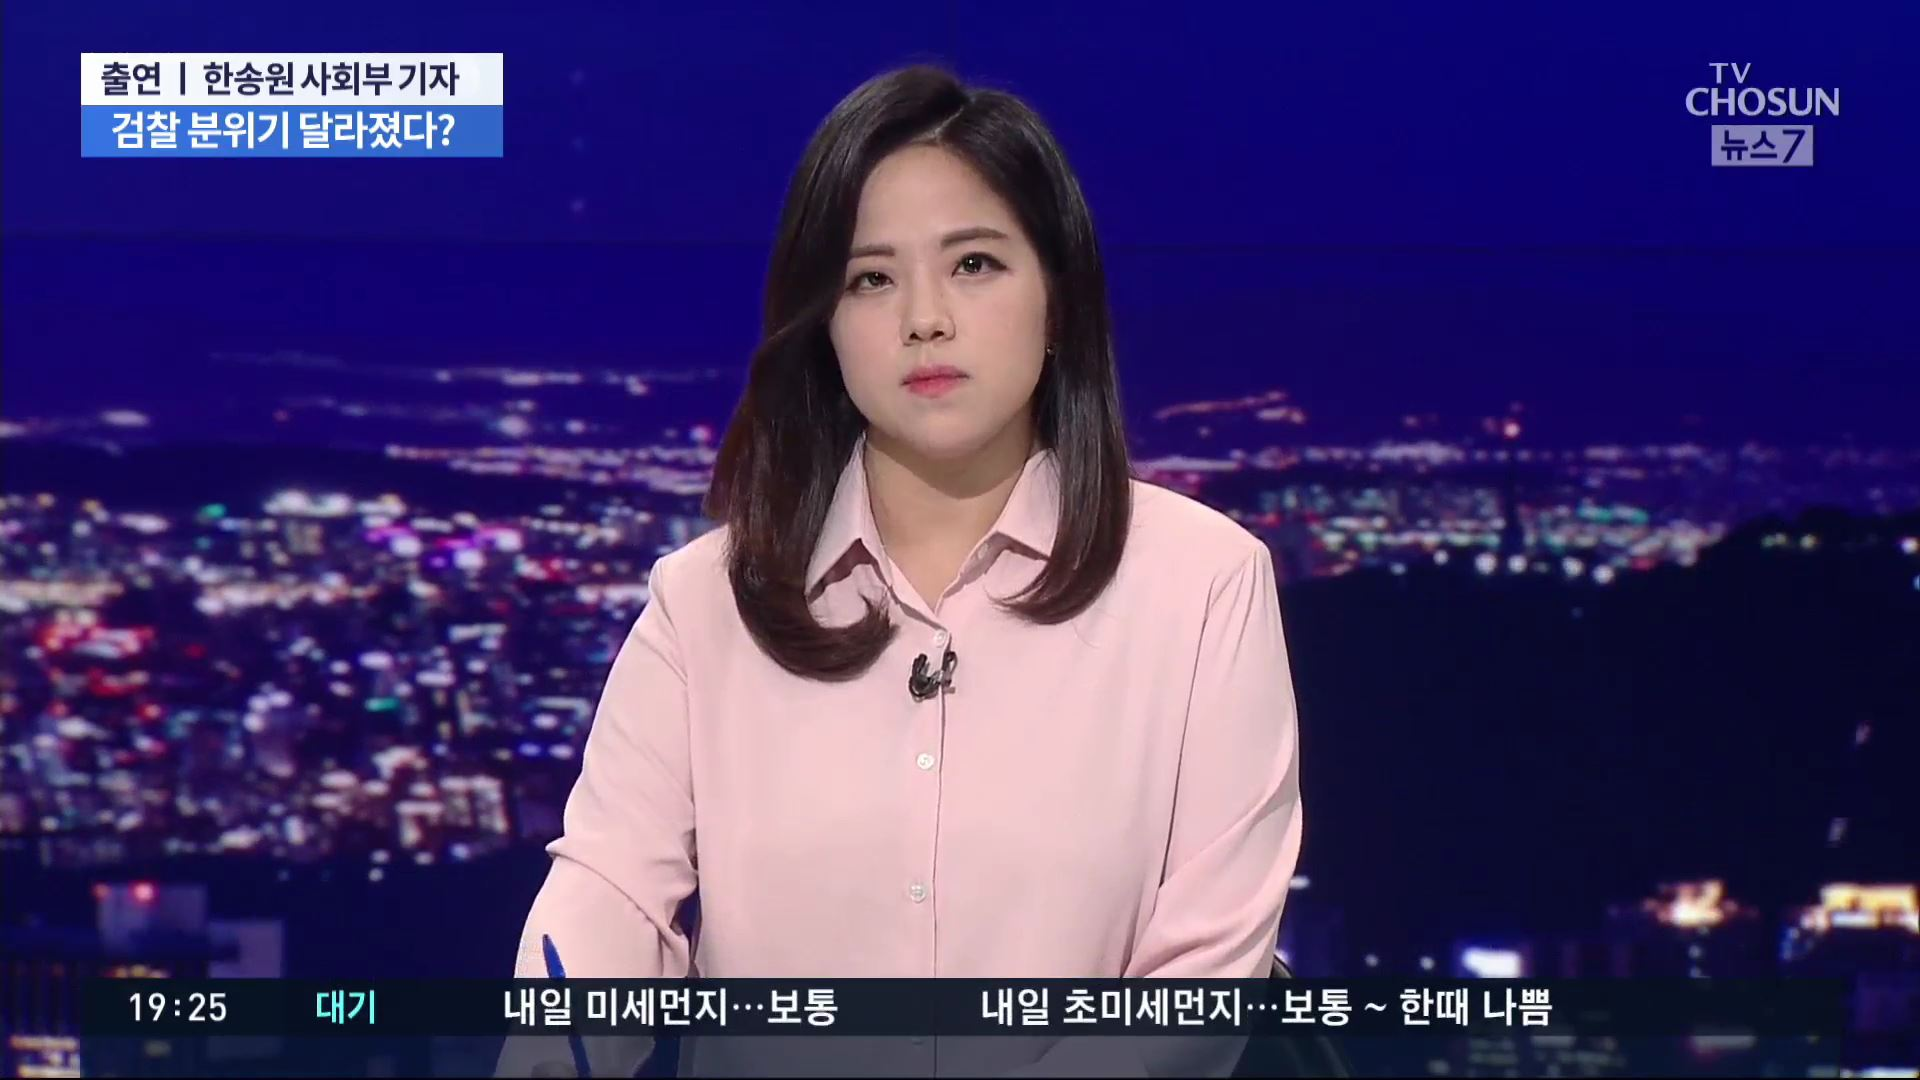 국정감사 이후 달라진 검찰분위기…라임·옵..